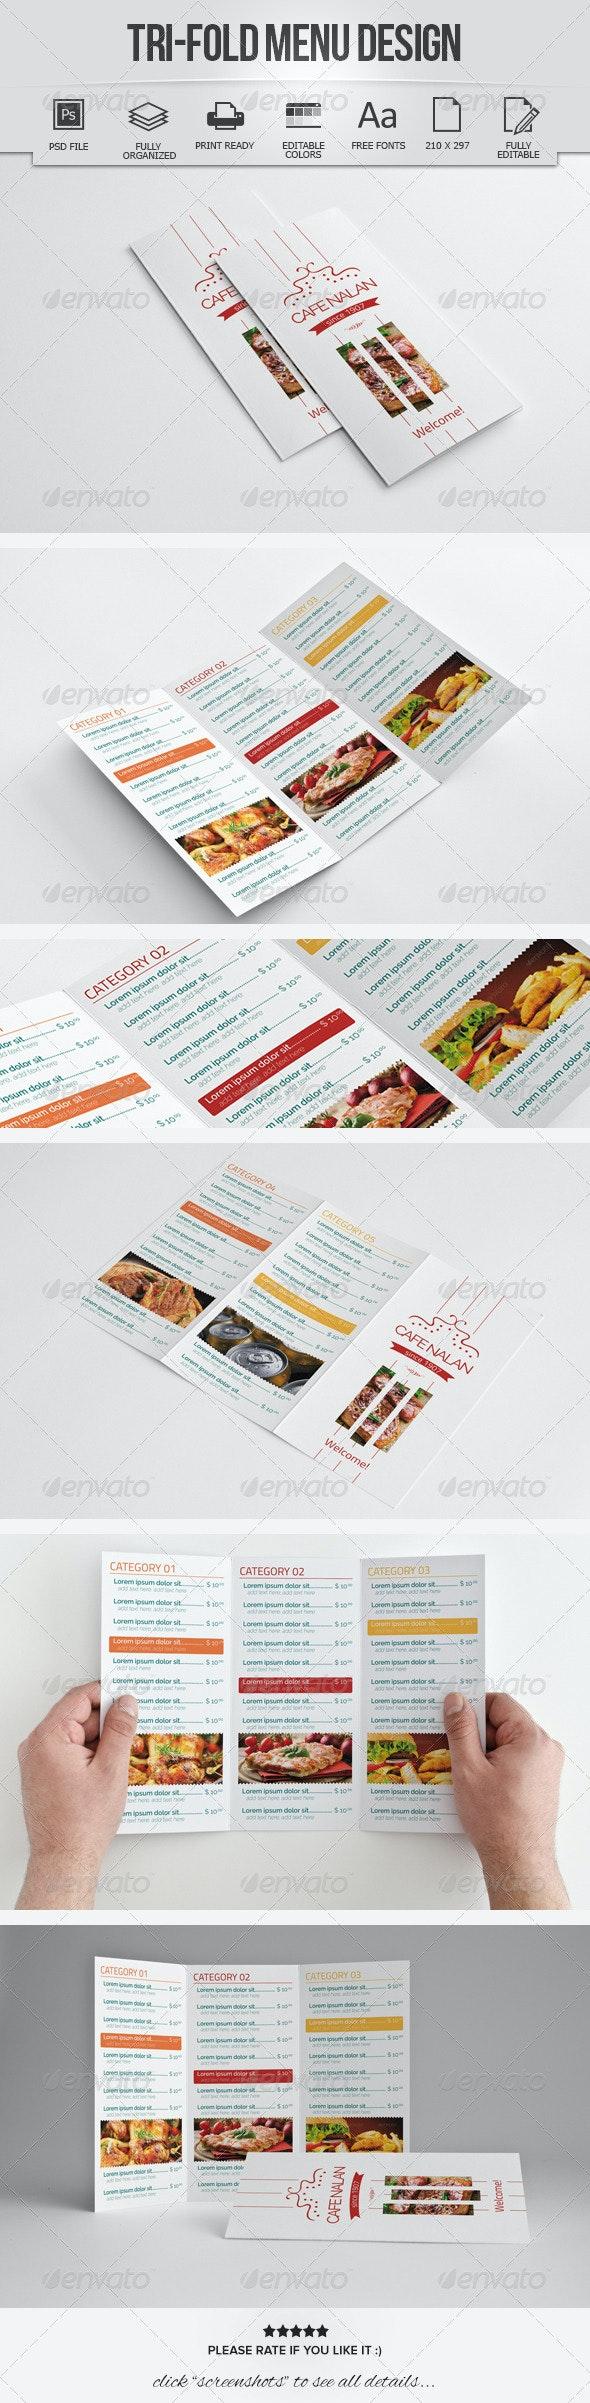 Trifold Menu Design - Food Menus Print Templates